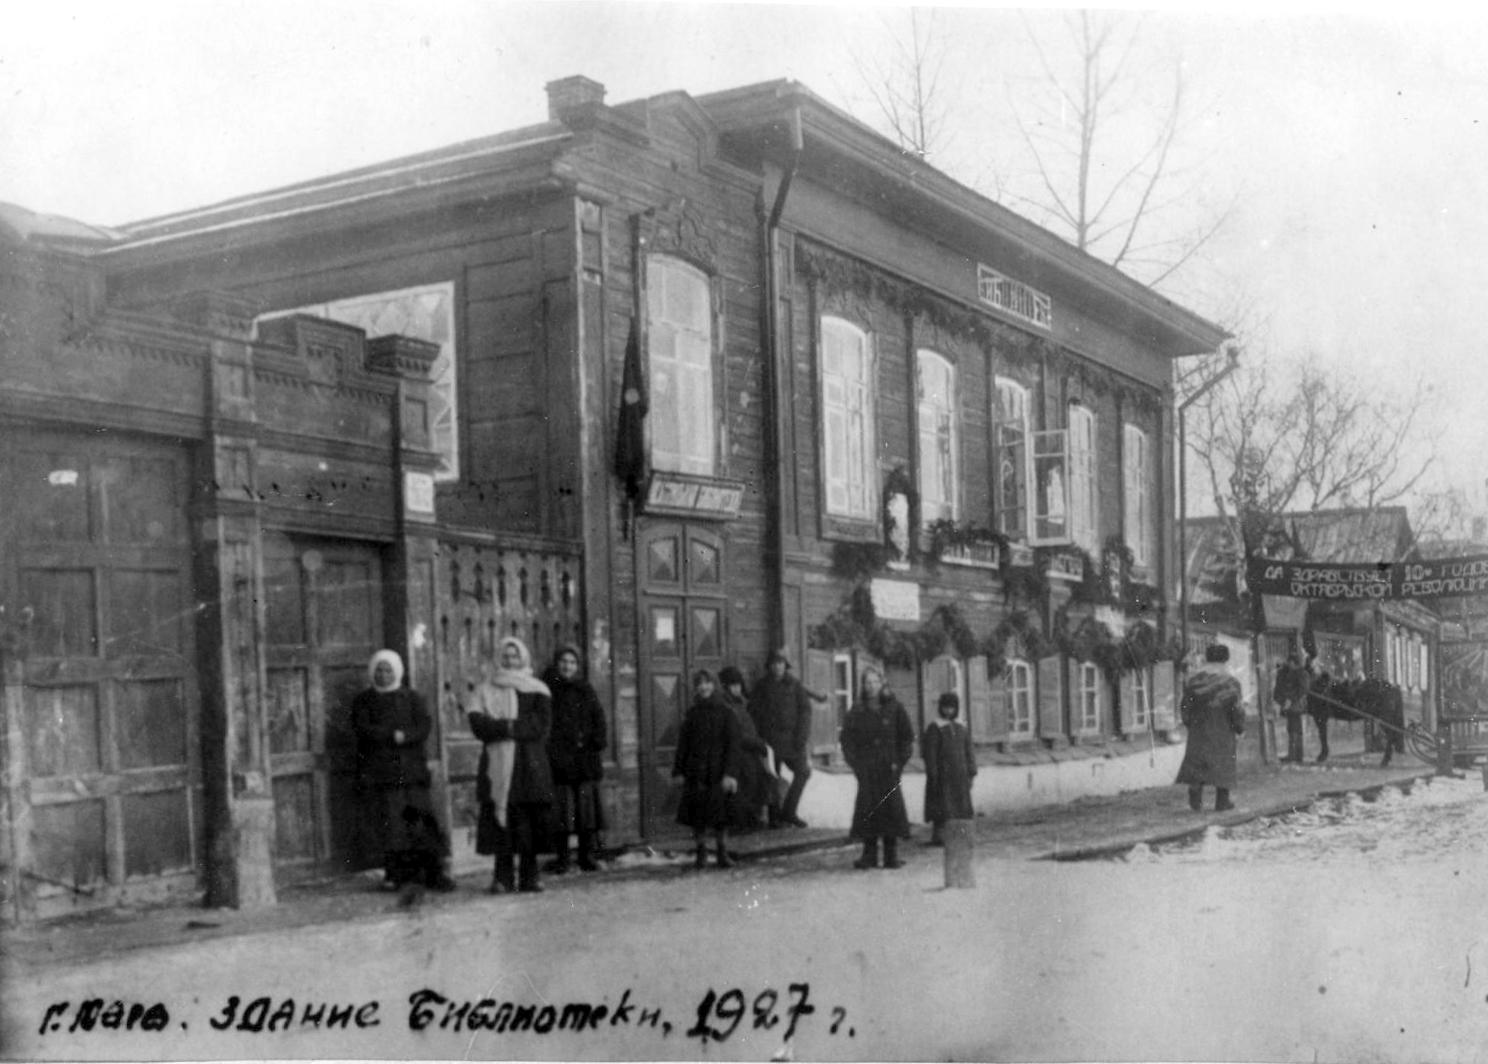 1927. Окружная библиотека